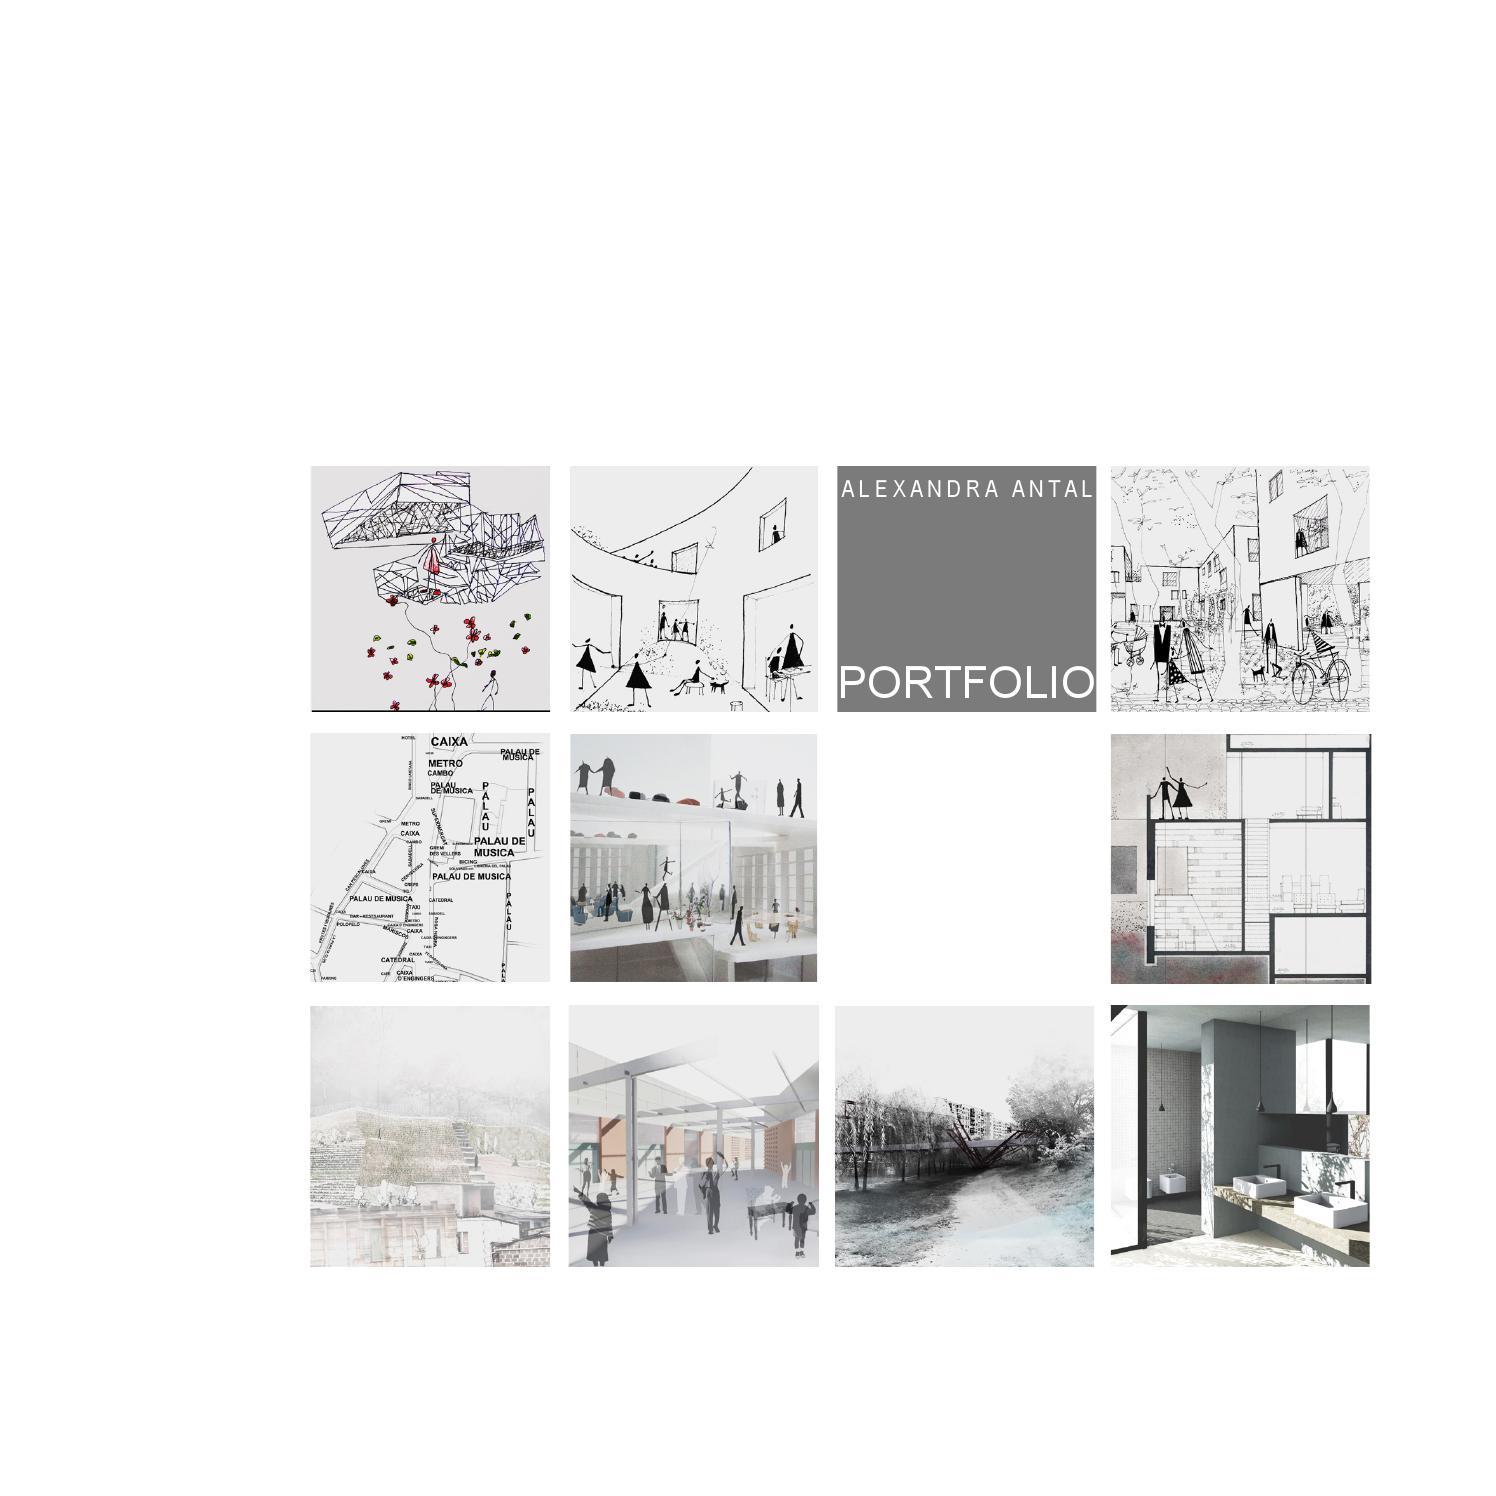 Alexandra antal portfolio architecture by maria for Portfolio architektur